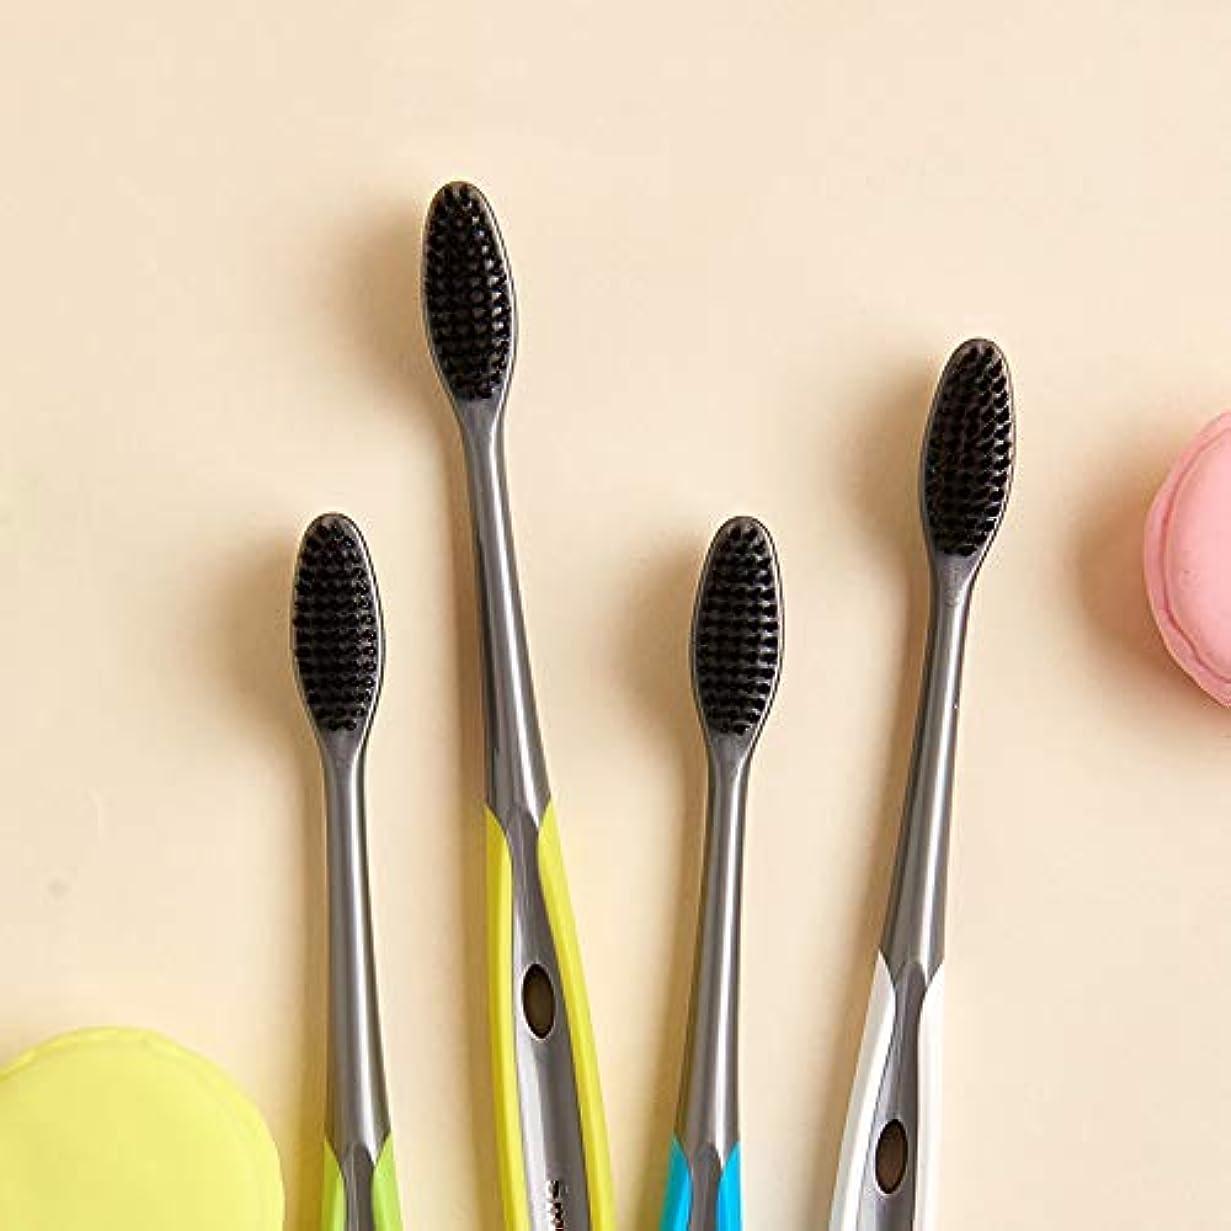 エンターテインメント刻む消防士歯ブラシ 竹炭歯ブラシ、口腔衛生歯ブラシ、バルク歯ブラシ - 10パック KHL (サイズ : 10 packs)